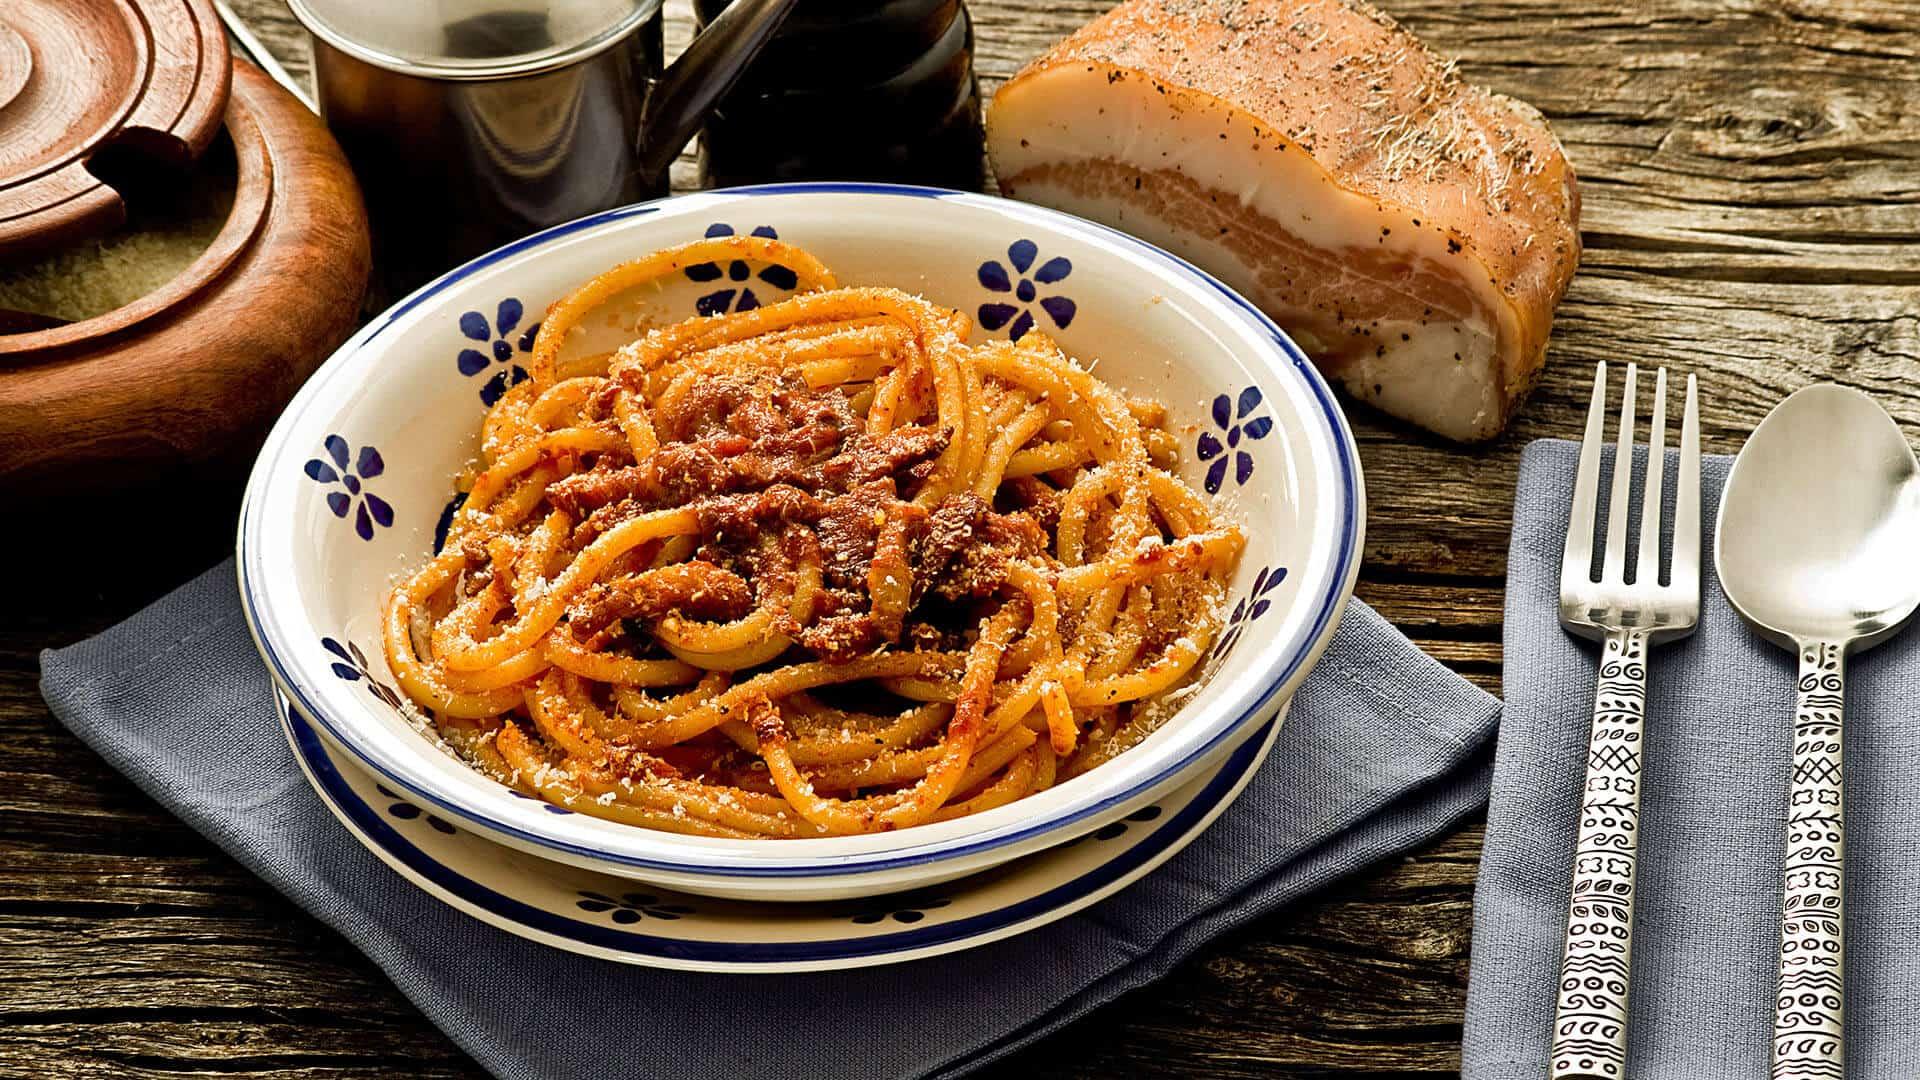 aprire un ristorante italiano in inghilterra